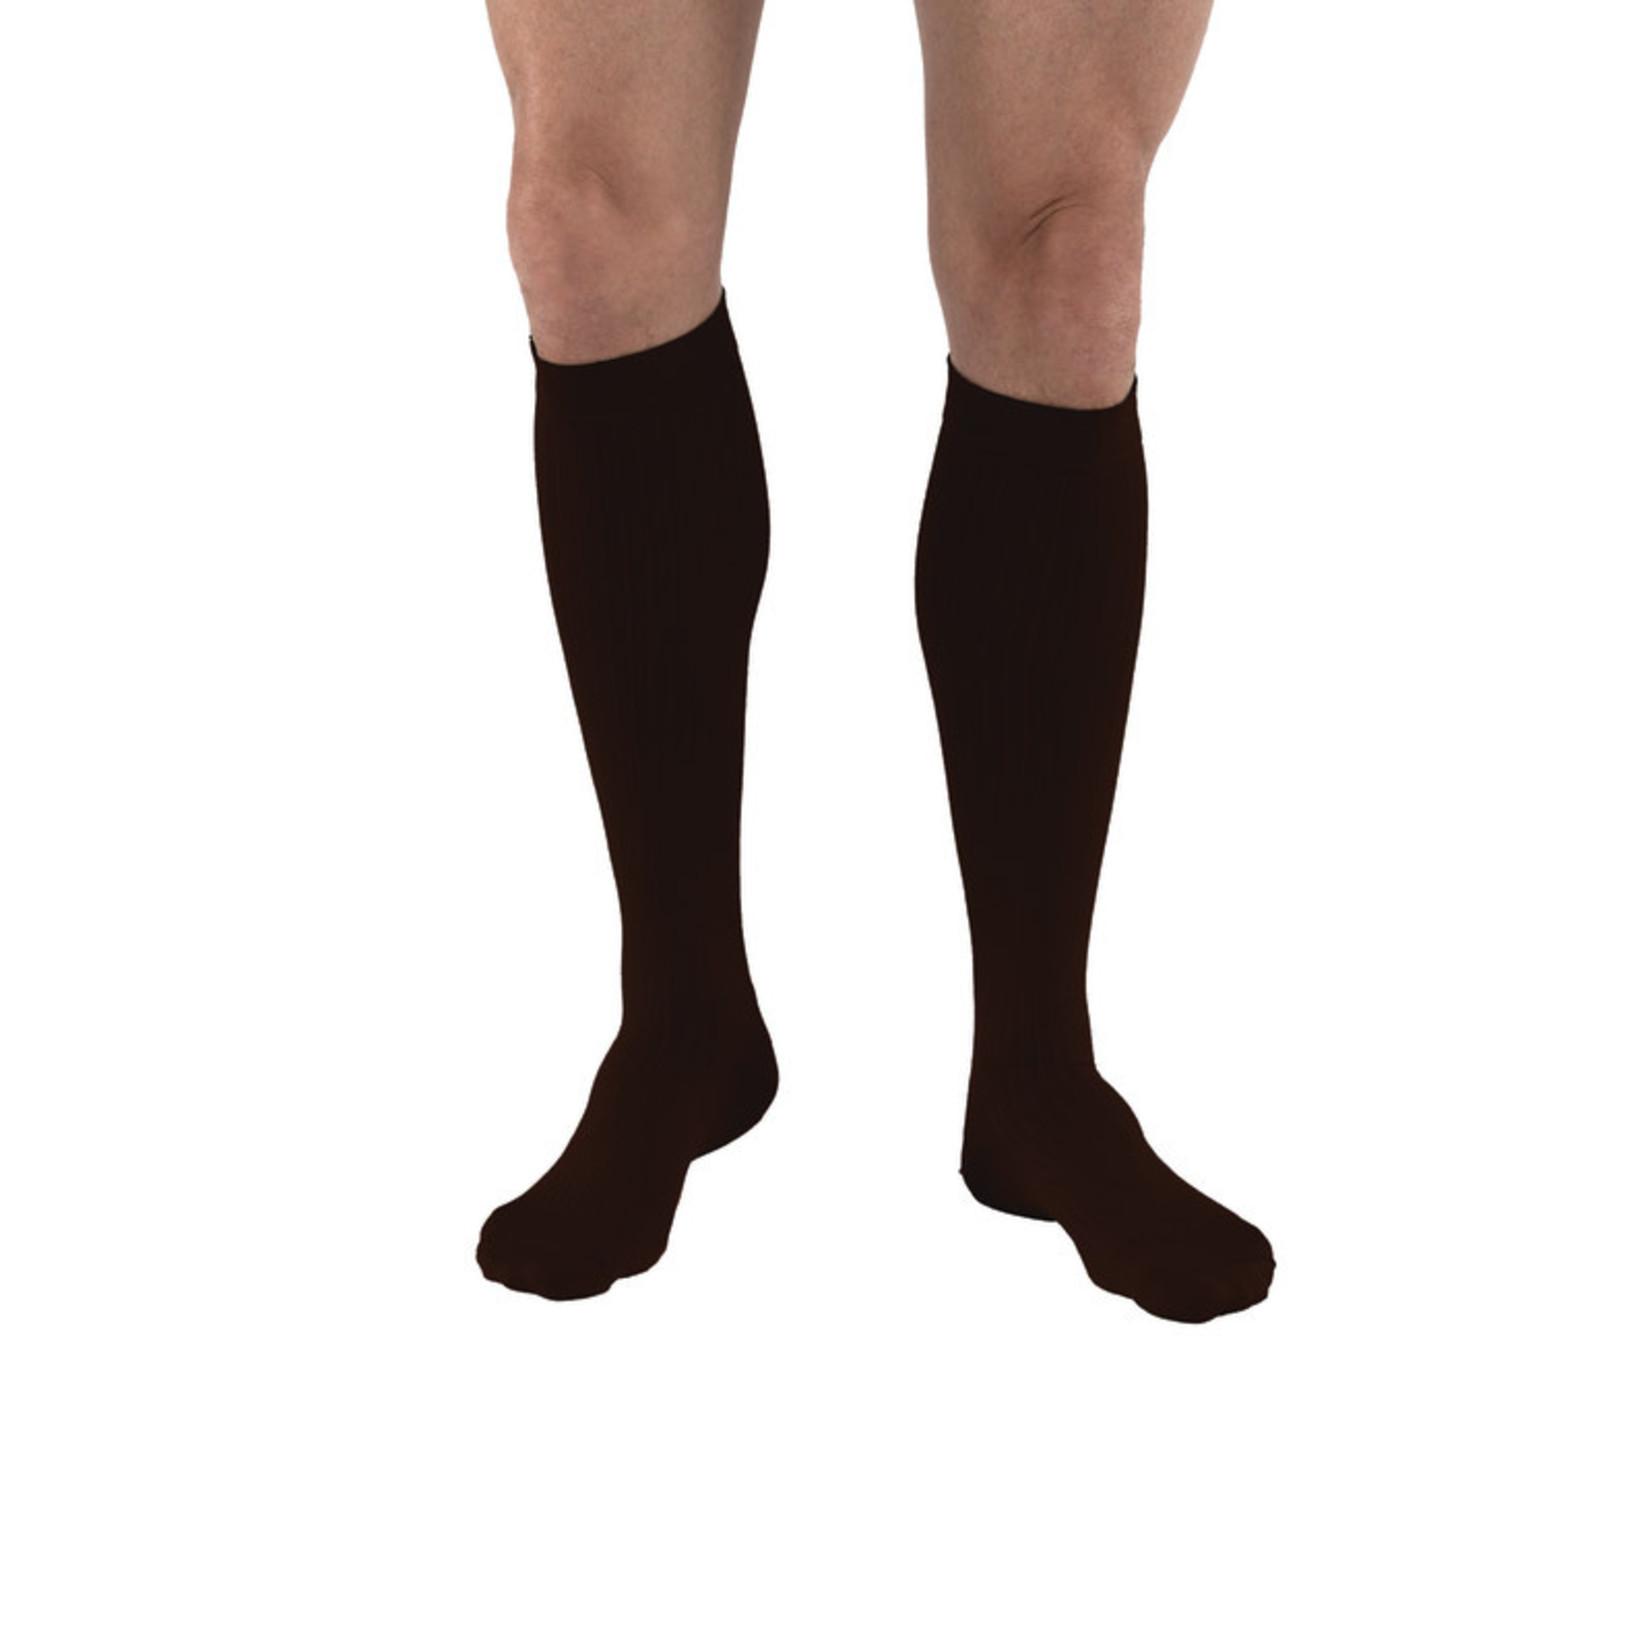 JOBST JOBST MENS DRESS KNEE CLOSED TOE 8-15 mmHg